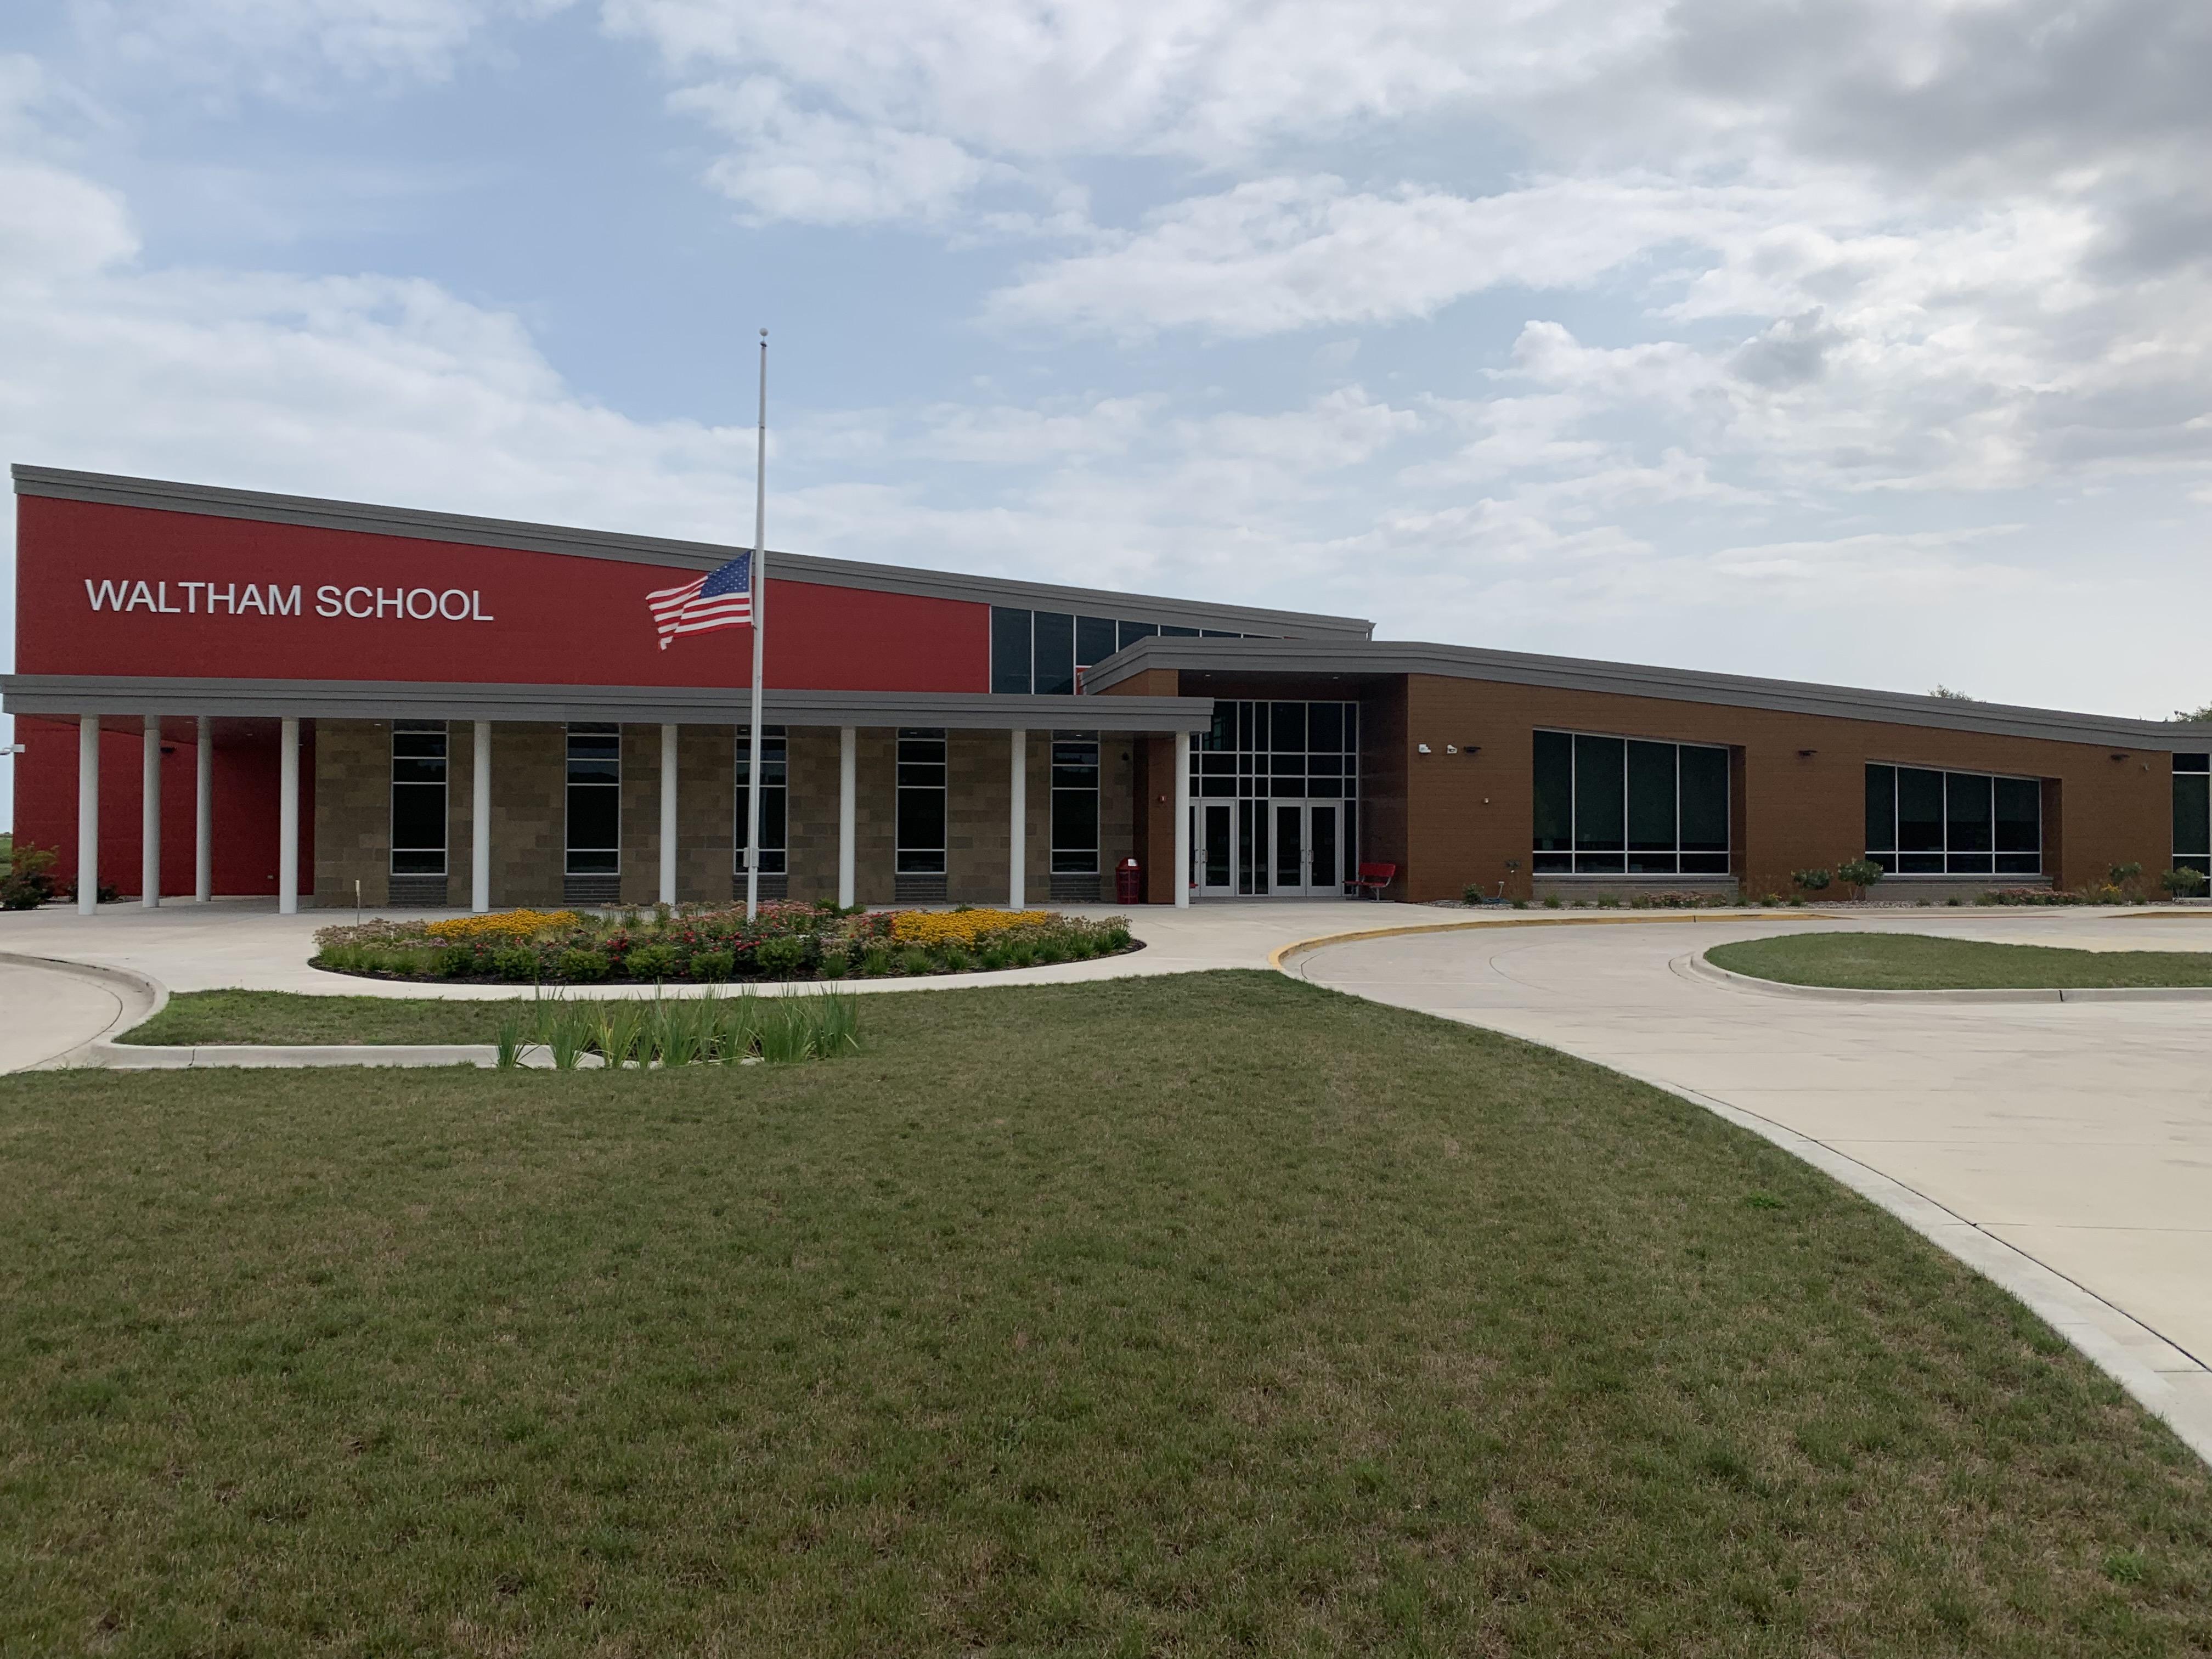 Waltham School